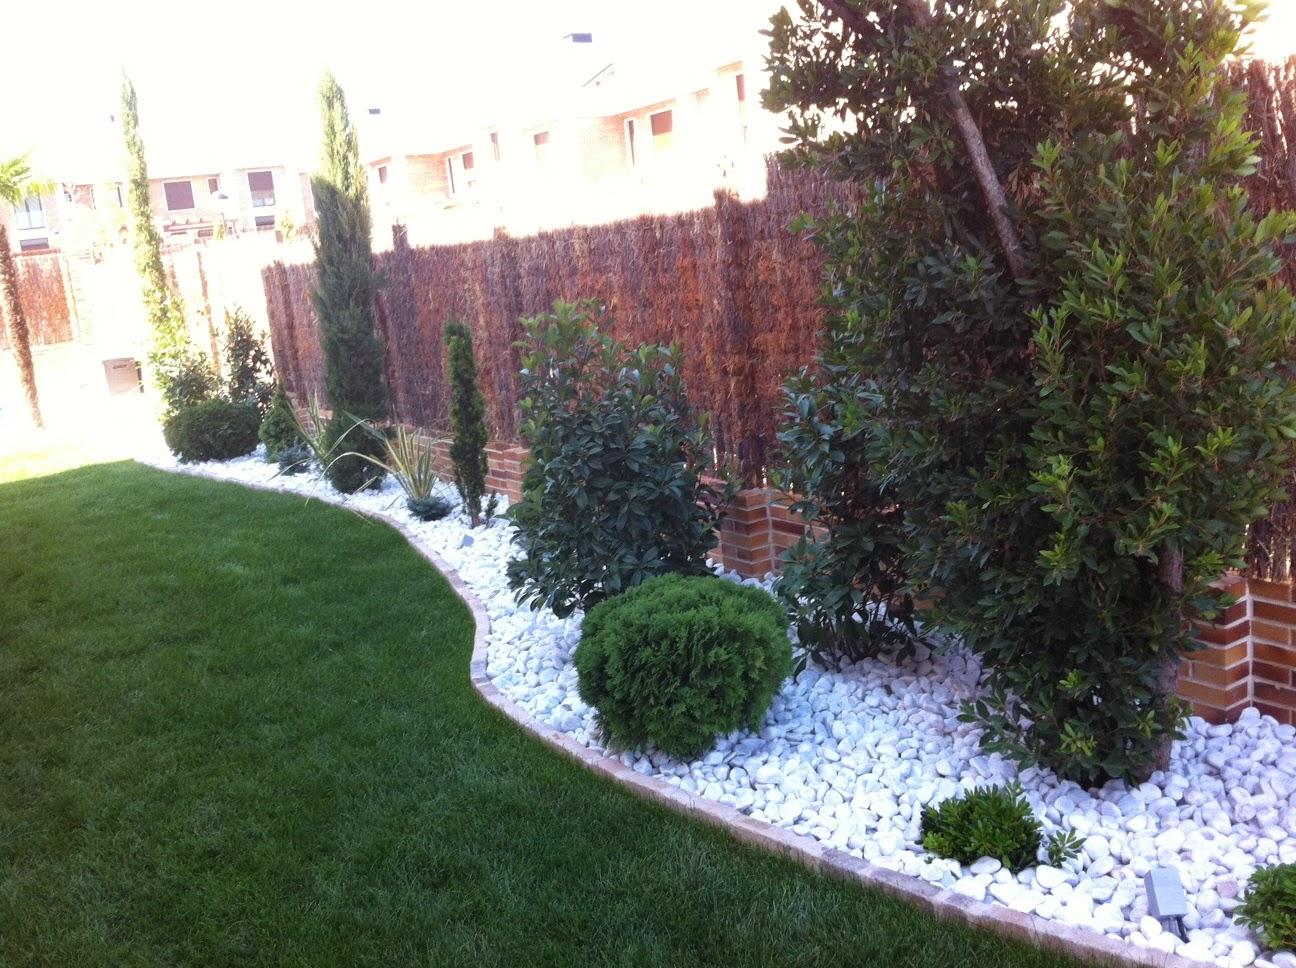 Venta piedras decorativas jard n madrid for Piedras decorativas jardin